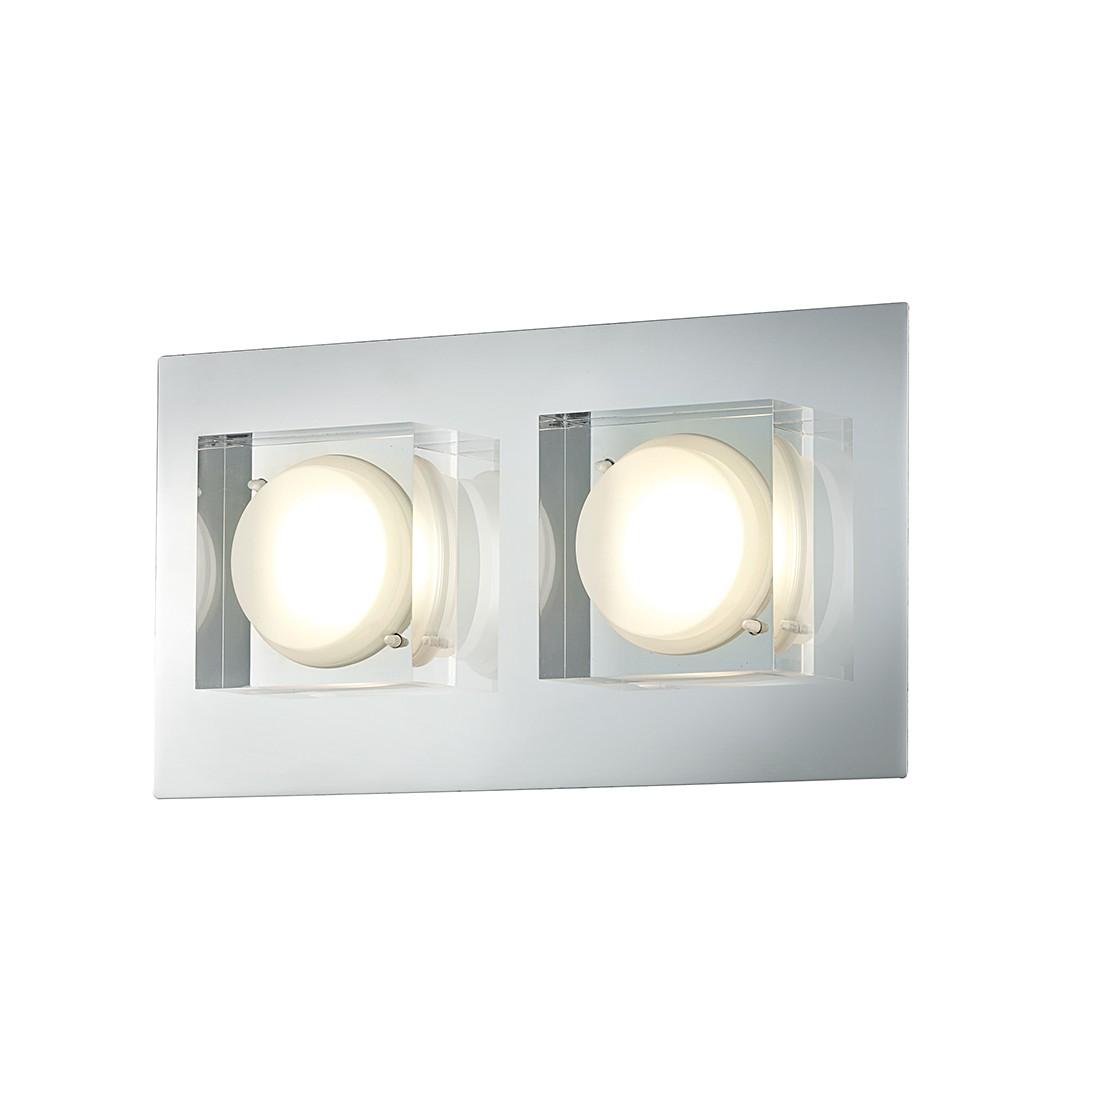 LED-Wandleuchte Brooklyn ● Chrom ● 2x5 W- Lux